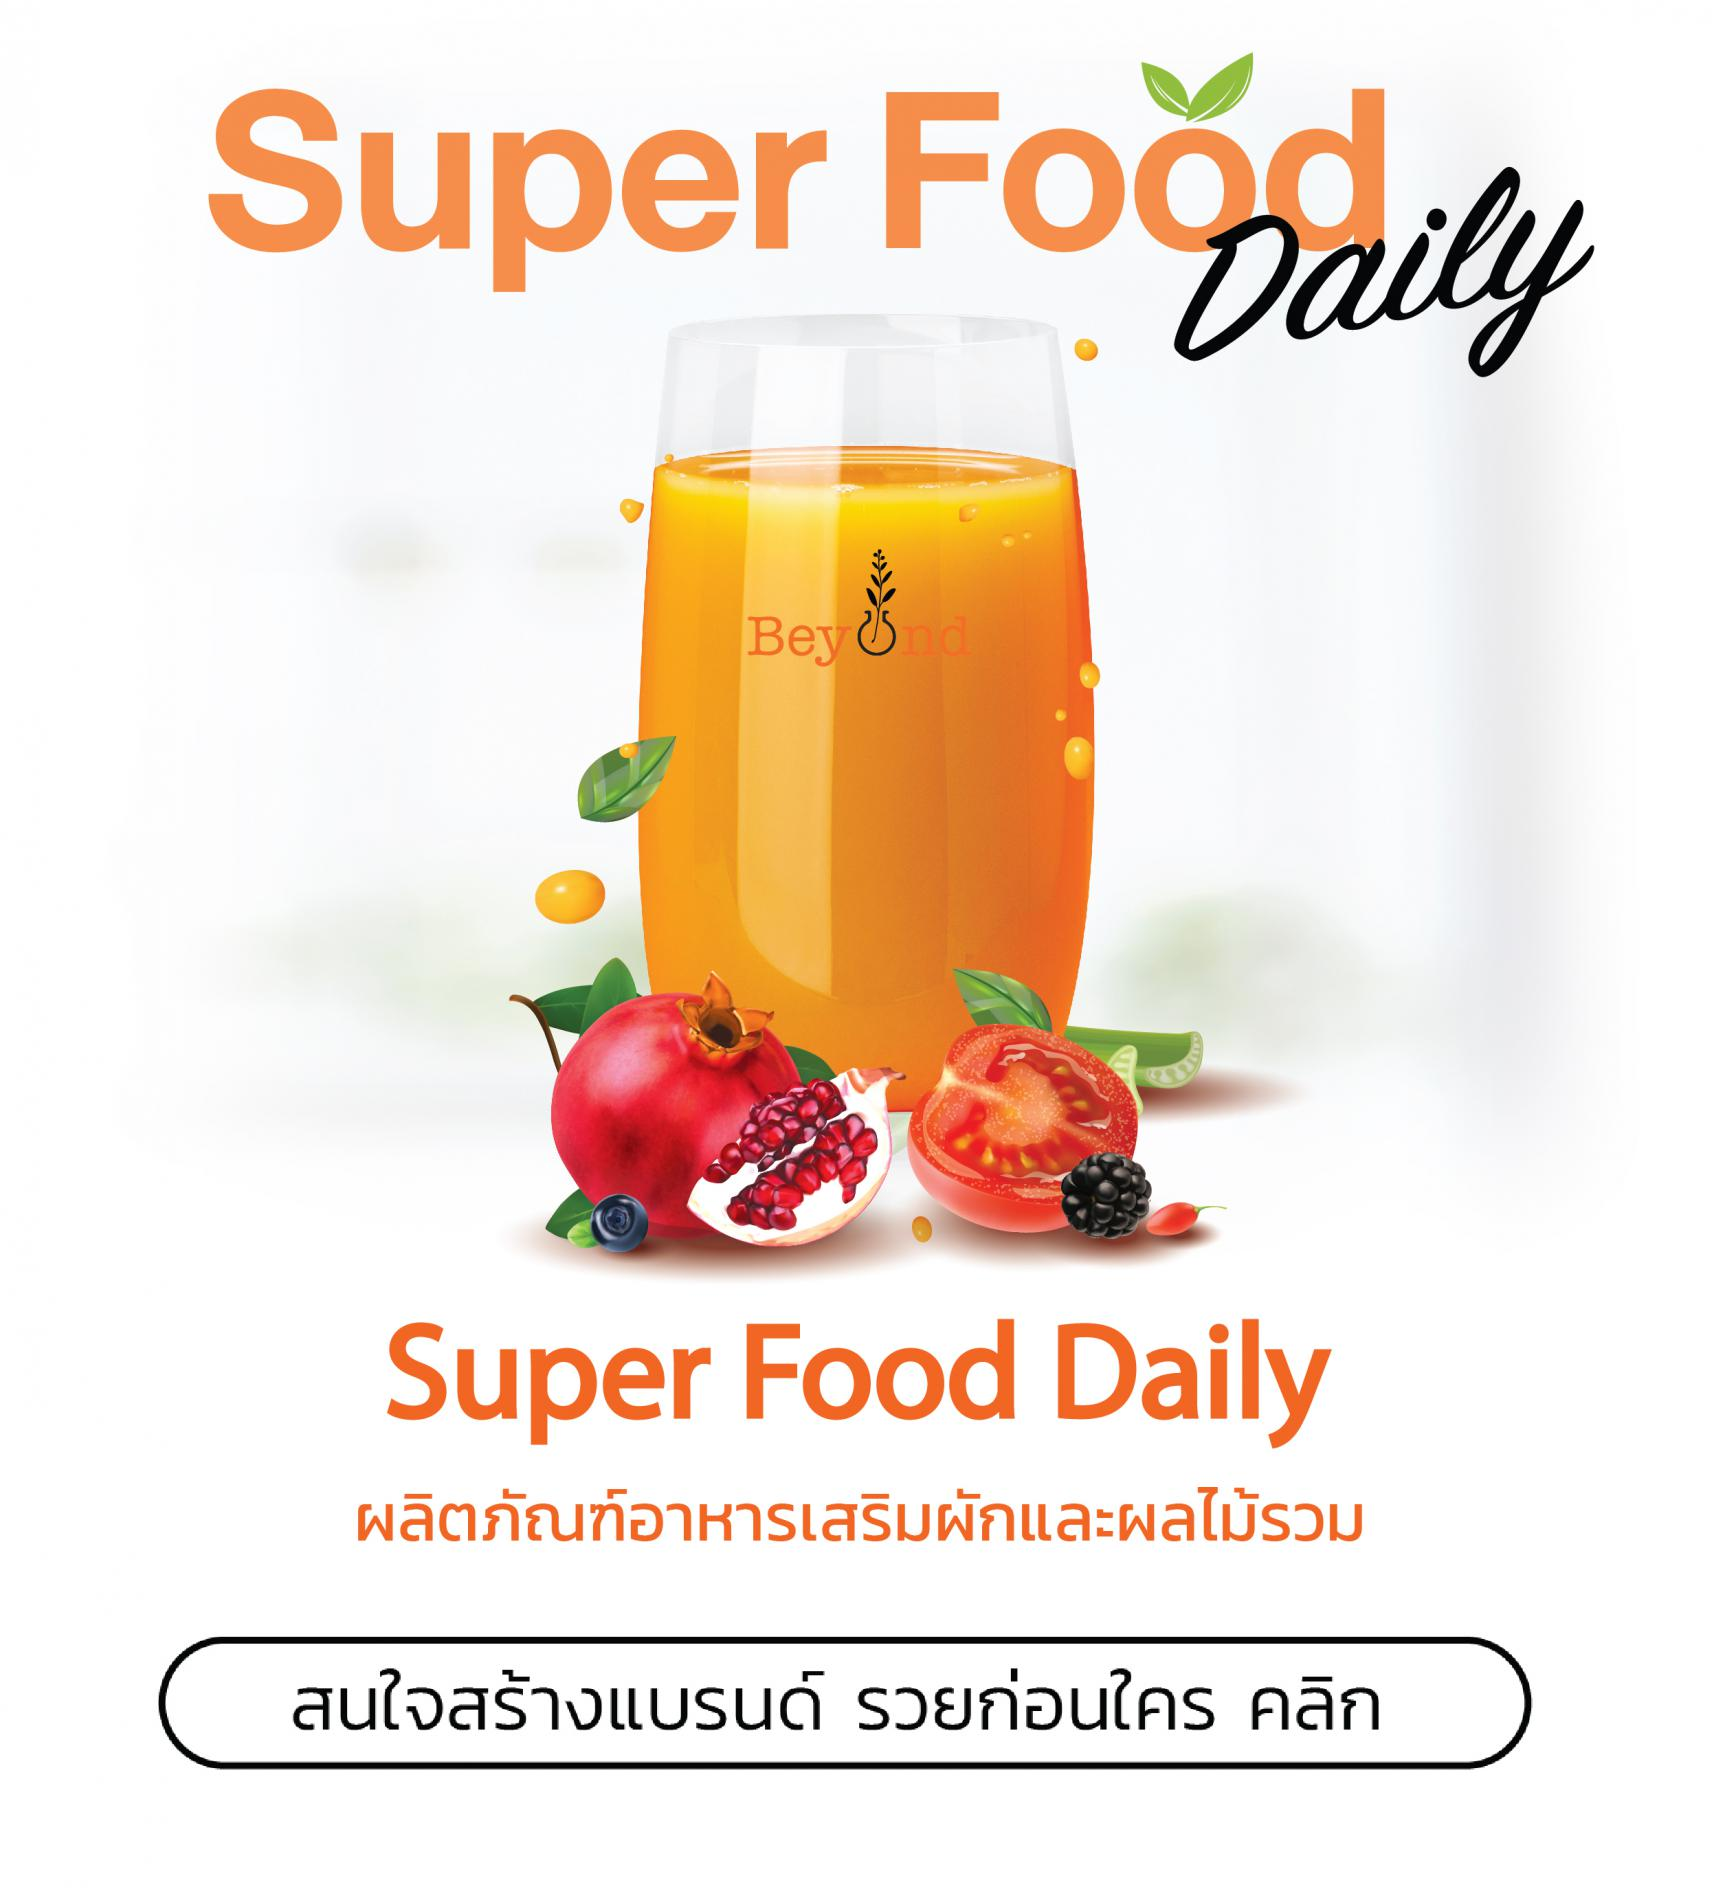 สร้างแบรนด์อาหารเสริม Superfood Daily รวยก่อนใคร